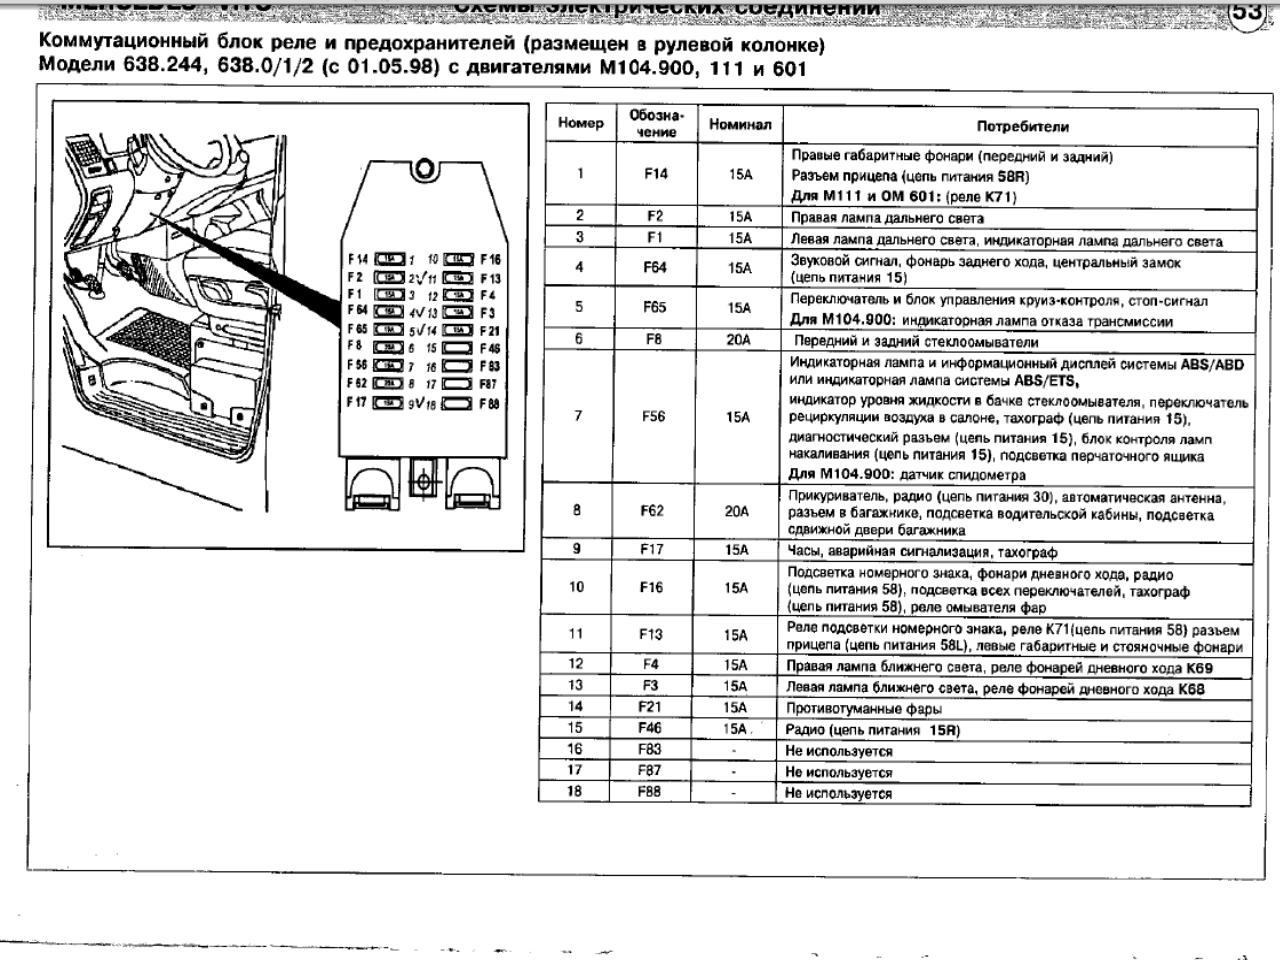 Доработки на системы 2107 ваз обдува